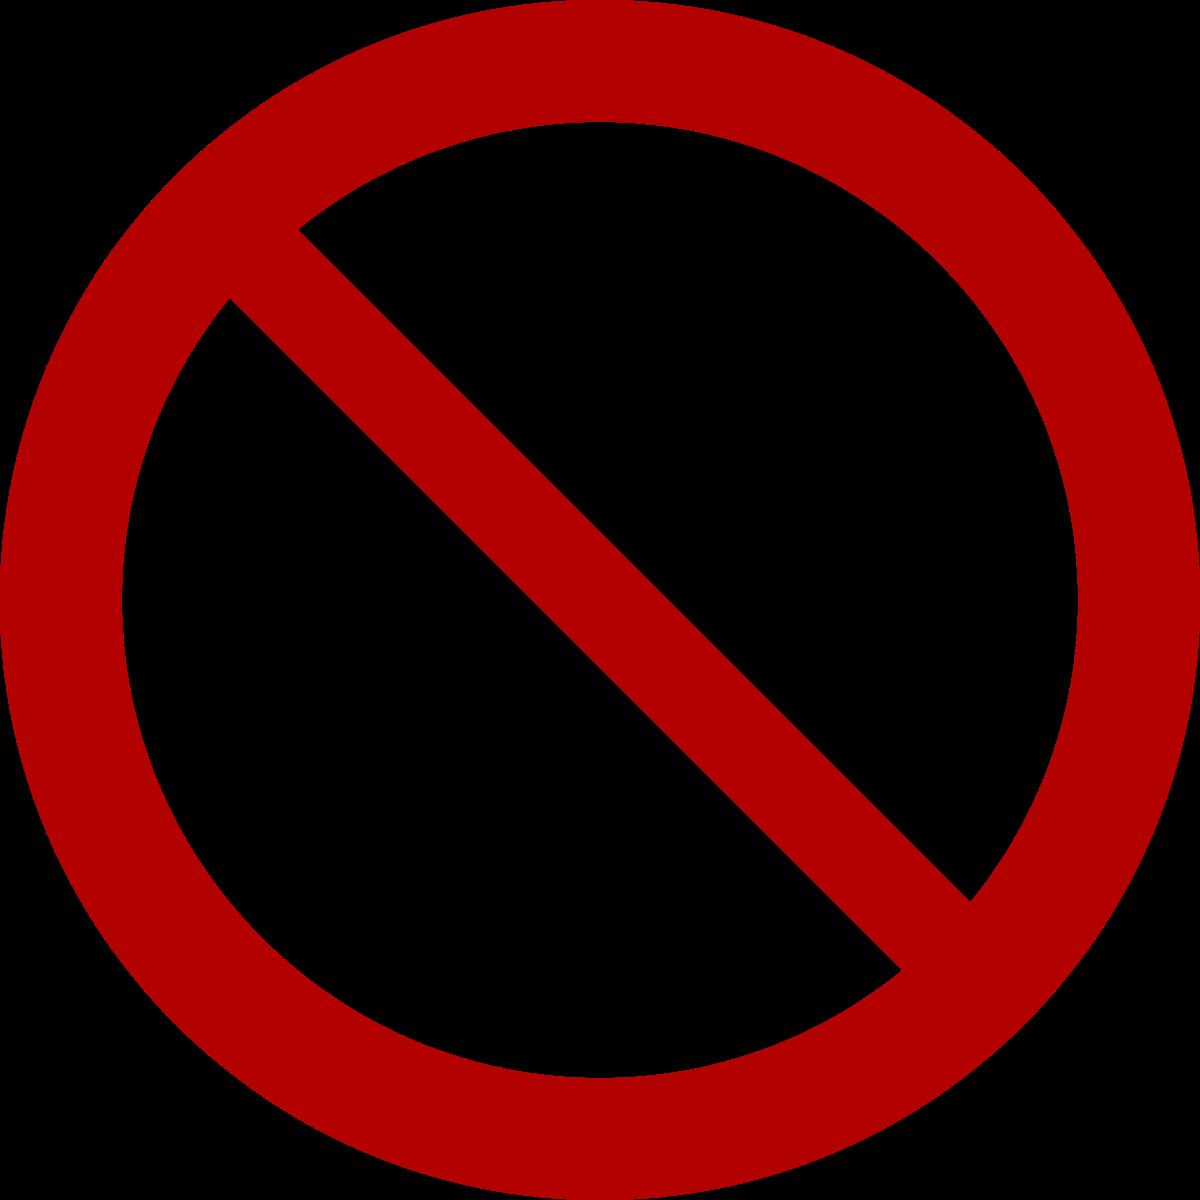 International symbol for NO